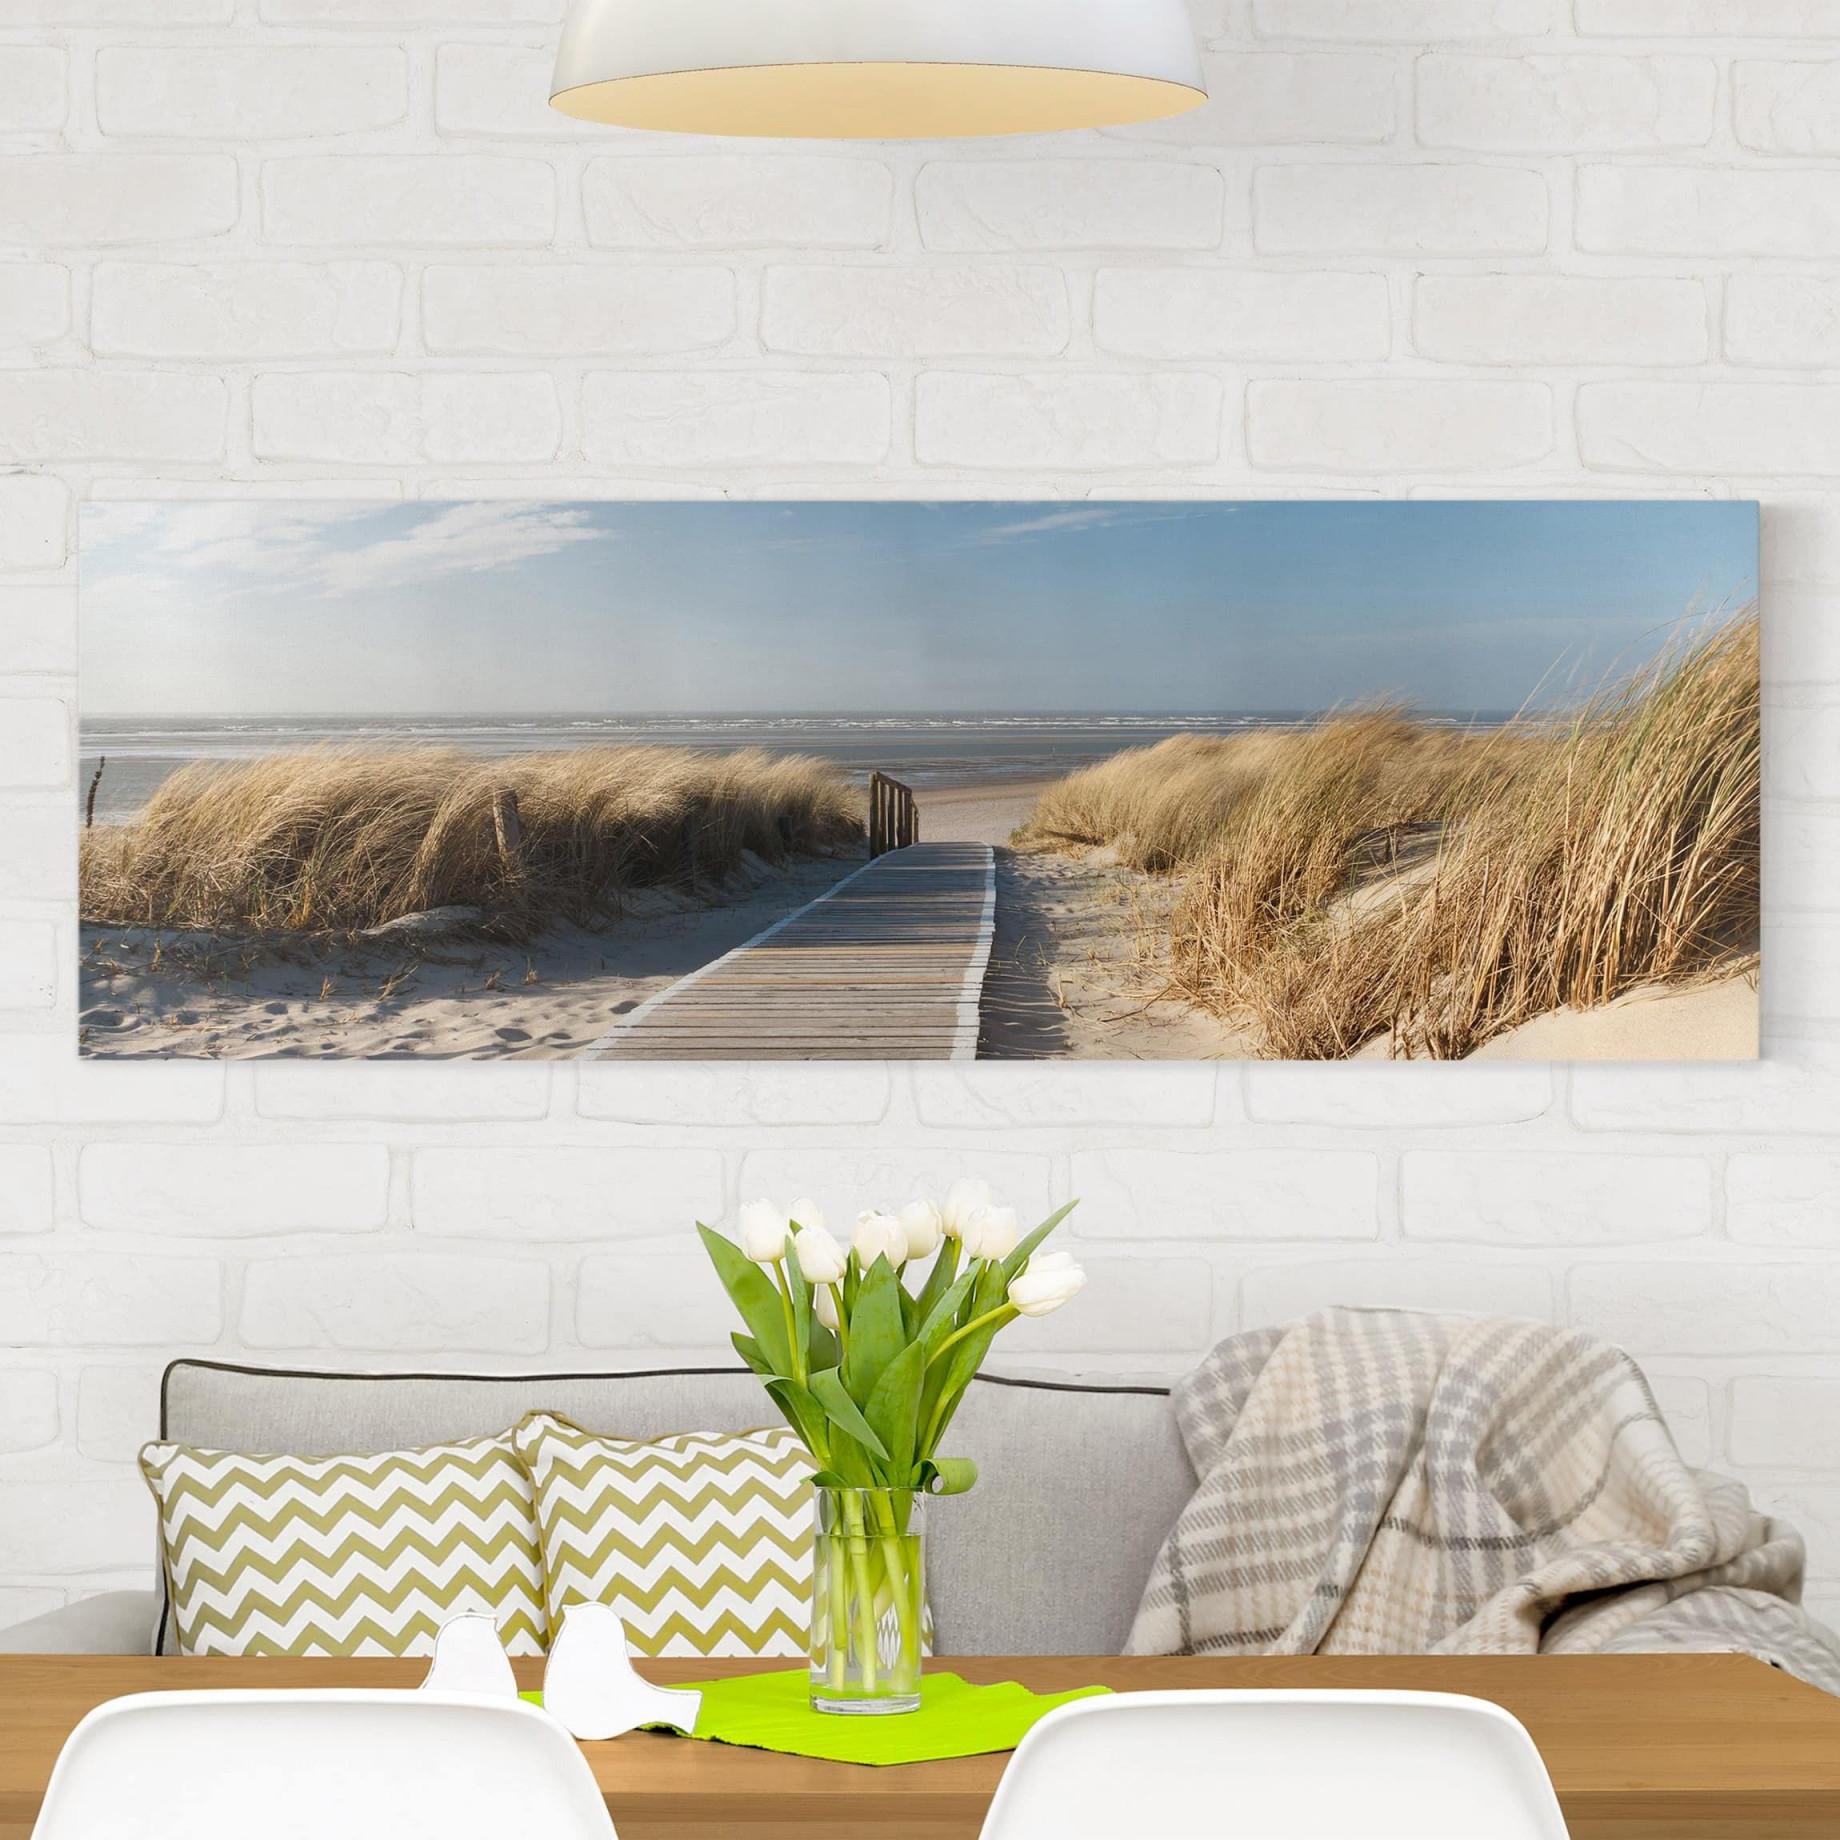 Du Suchst Ostsee Wandbilder Ideen Das Wandbild Ostsee von Bilder Querformat Wohnzimmer Photo